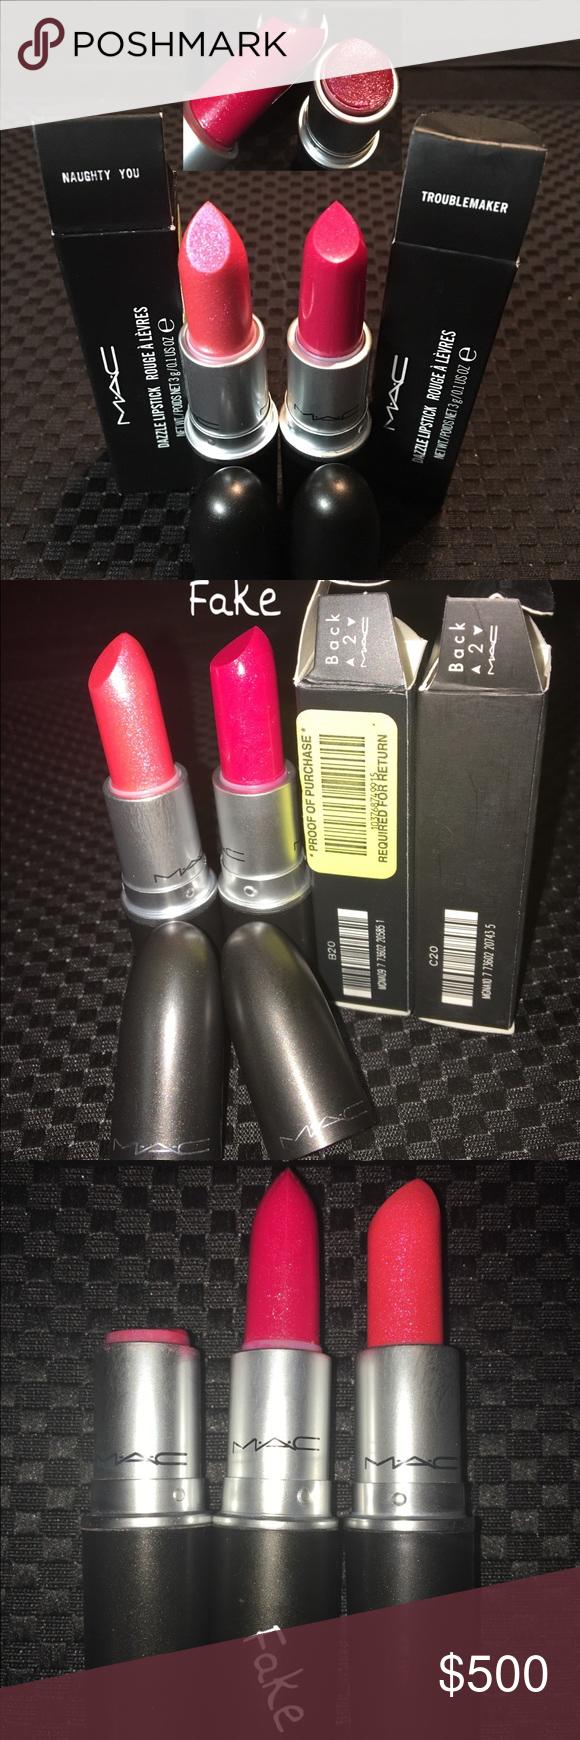 Fake Dazzle VS Authentic MAC Dazzle Lipstick Lipstick